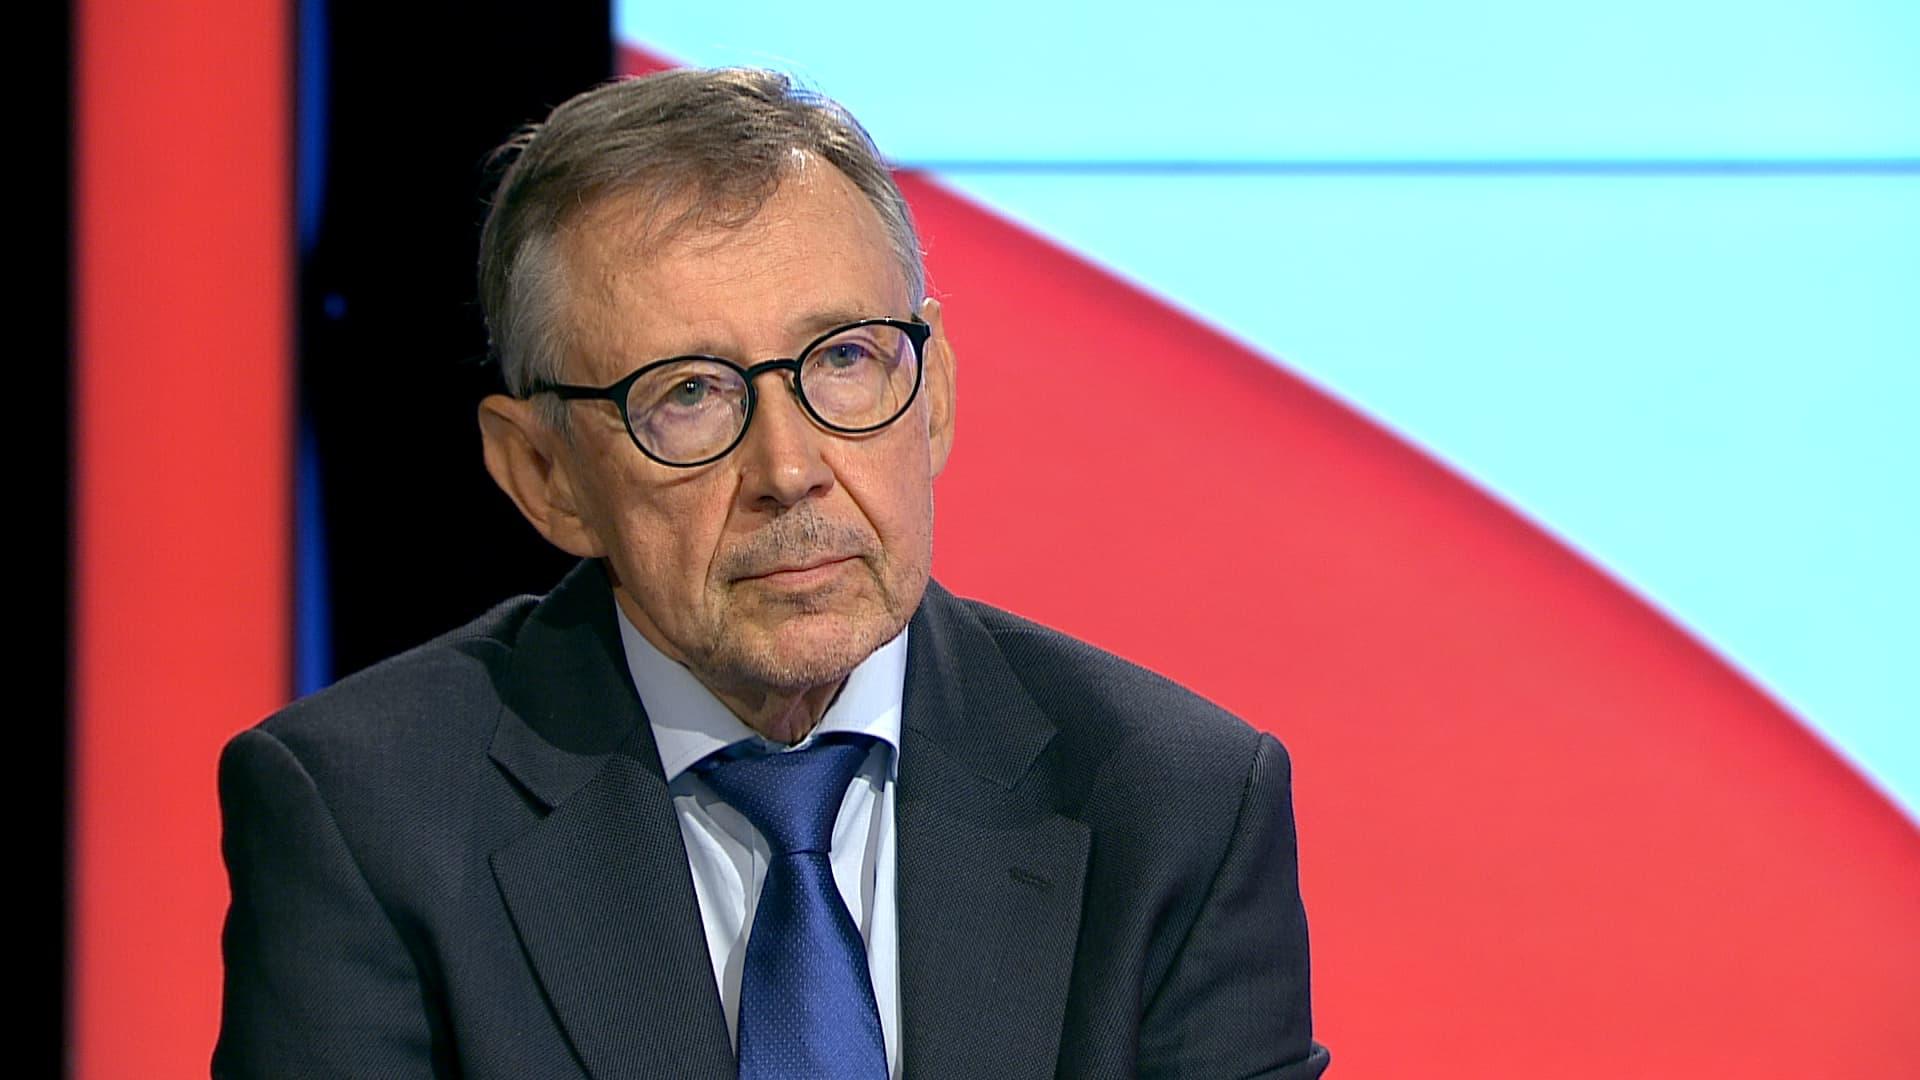 Ex-oikeuskansleri Jonkka lainvalmistelusta: Lisäapua perustuslailliseen arviointiin